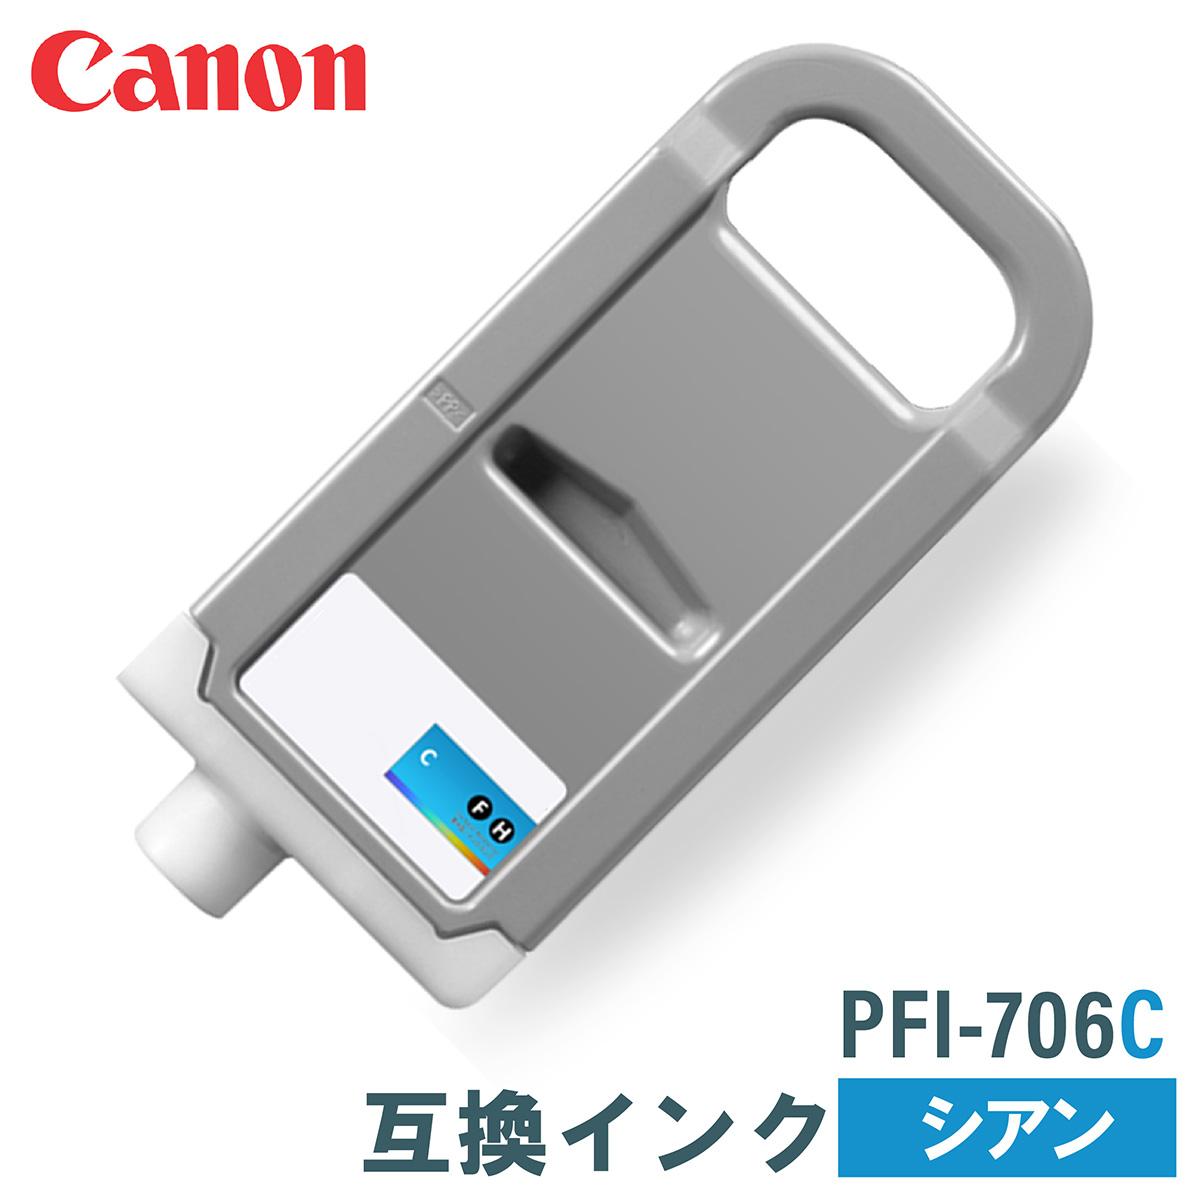 キヤノン 互換インク CANON PFI-706C シアン 700ml